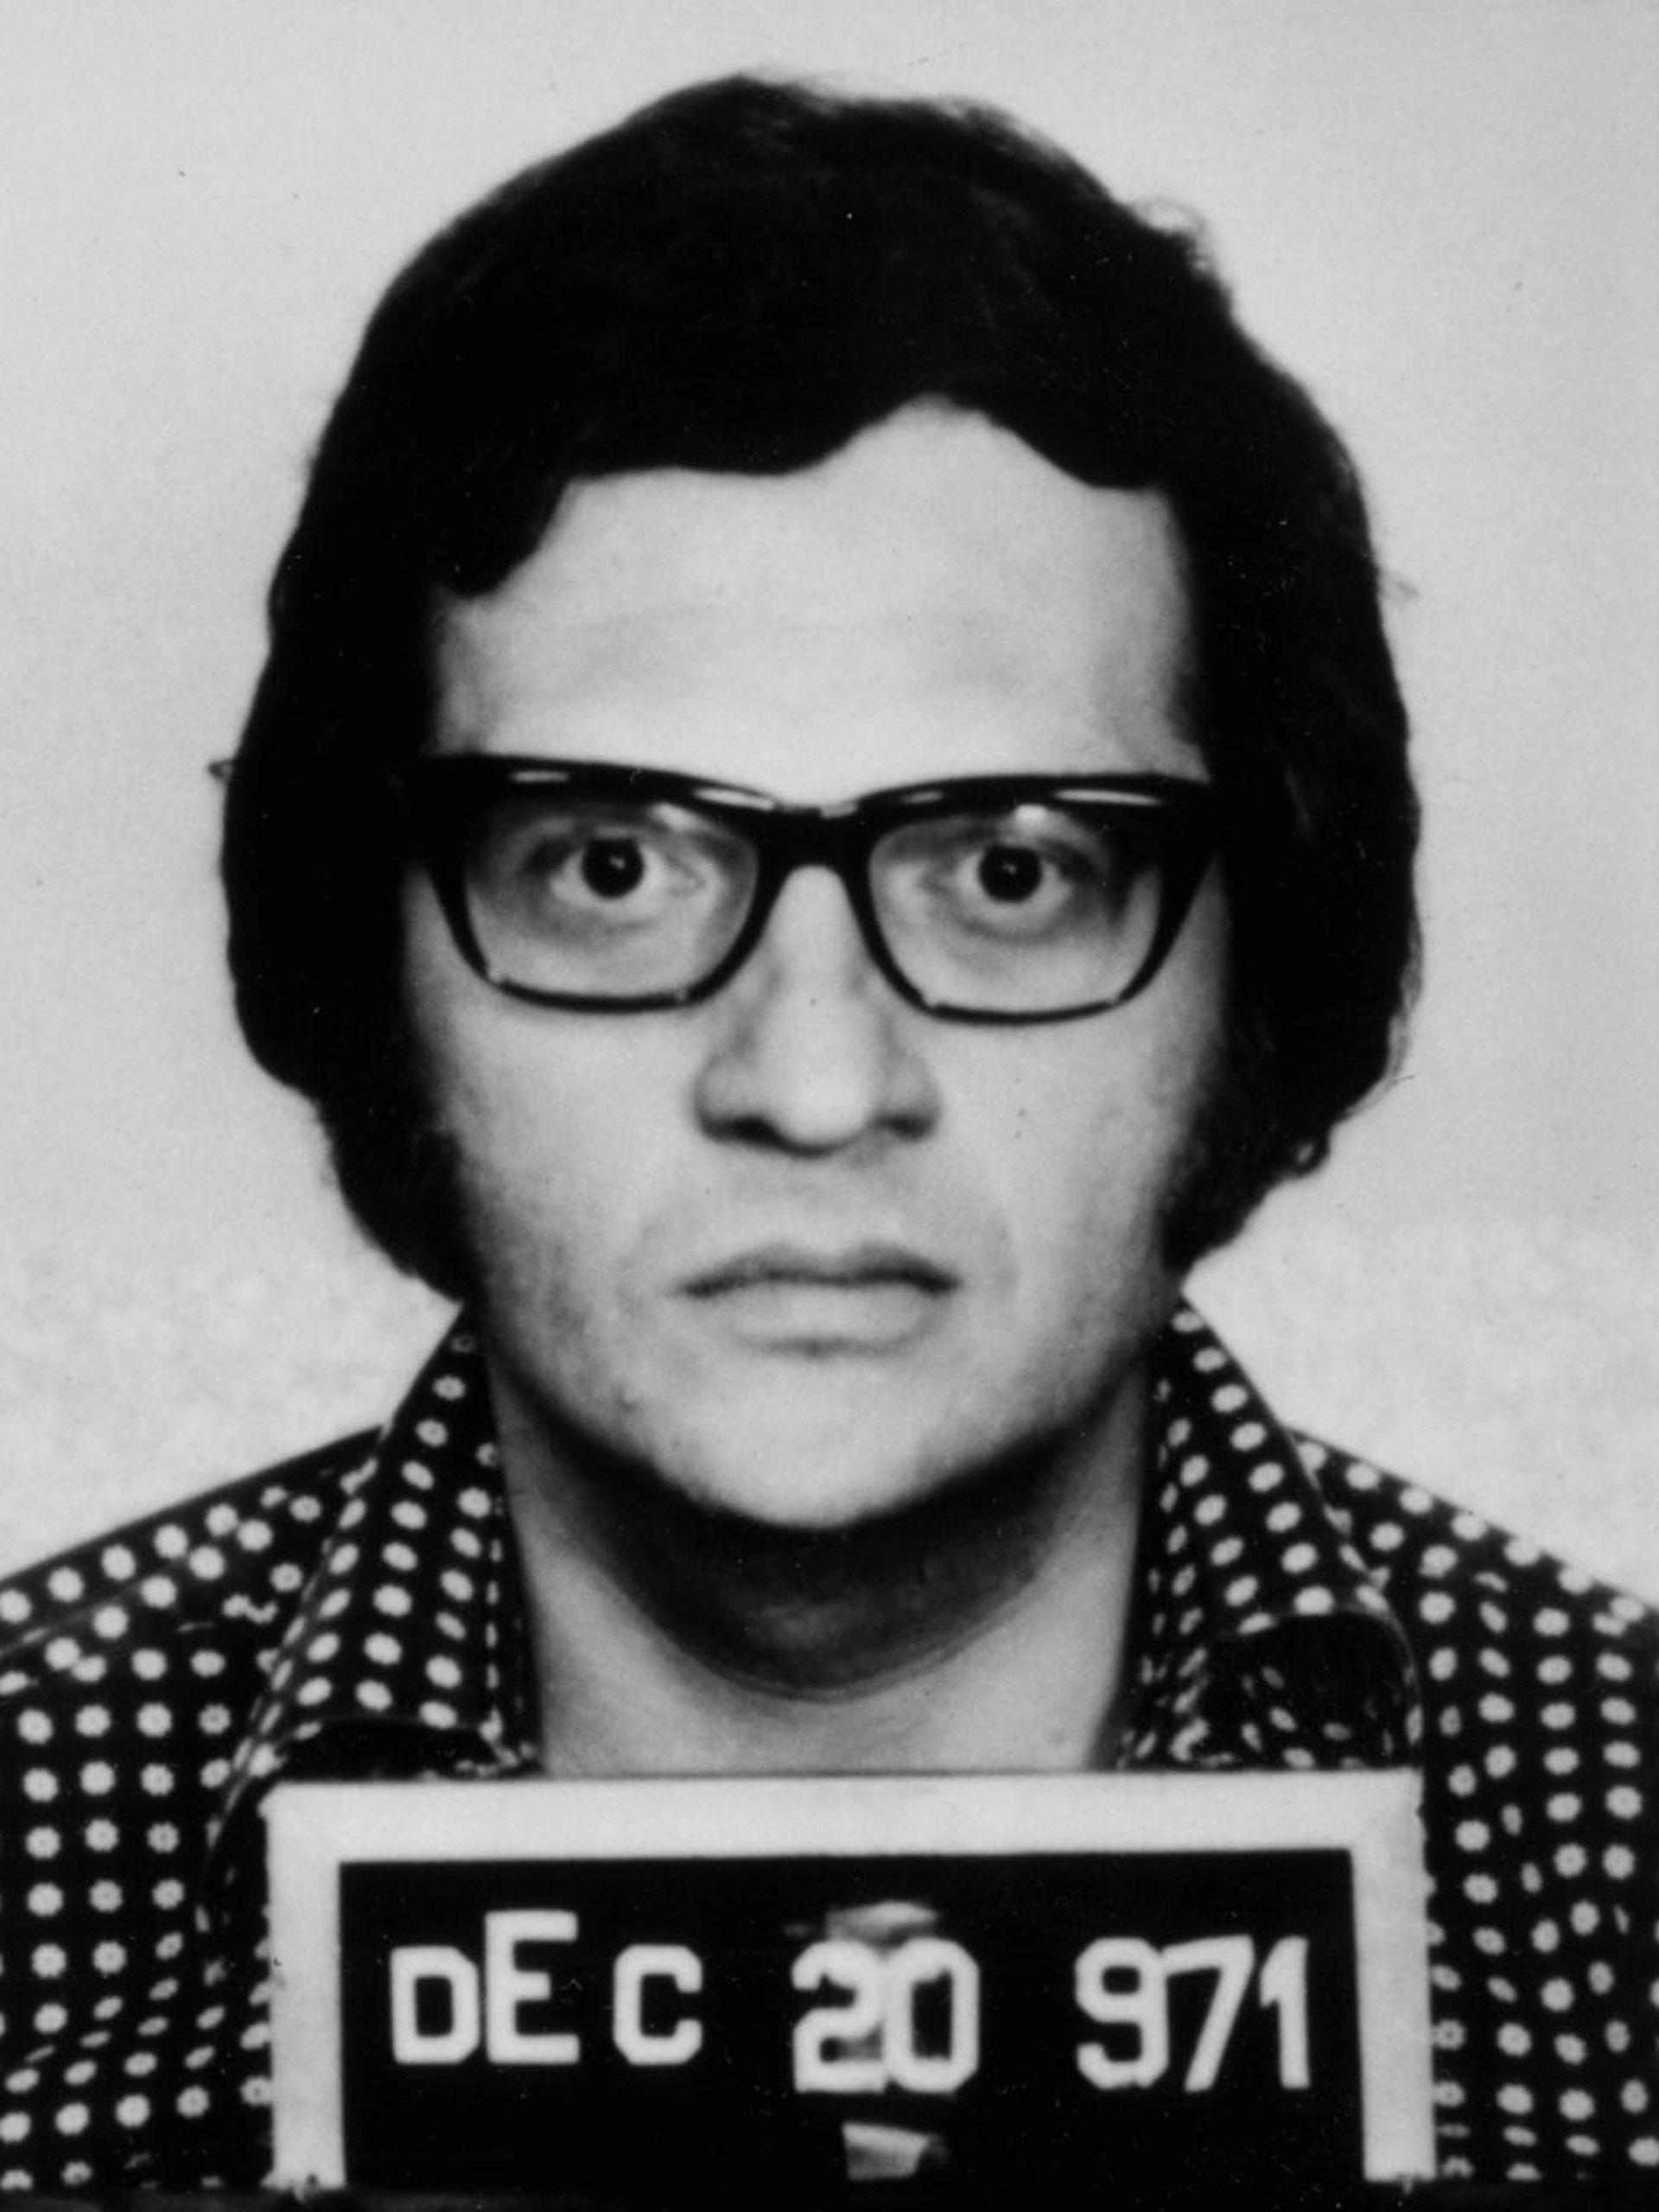 Larry King fue arrestado por robarle dinero a un socio (Uso de dominio publico)